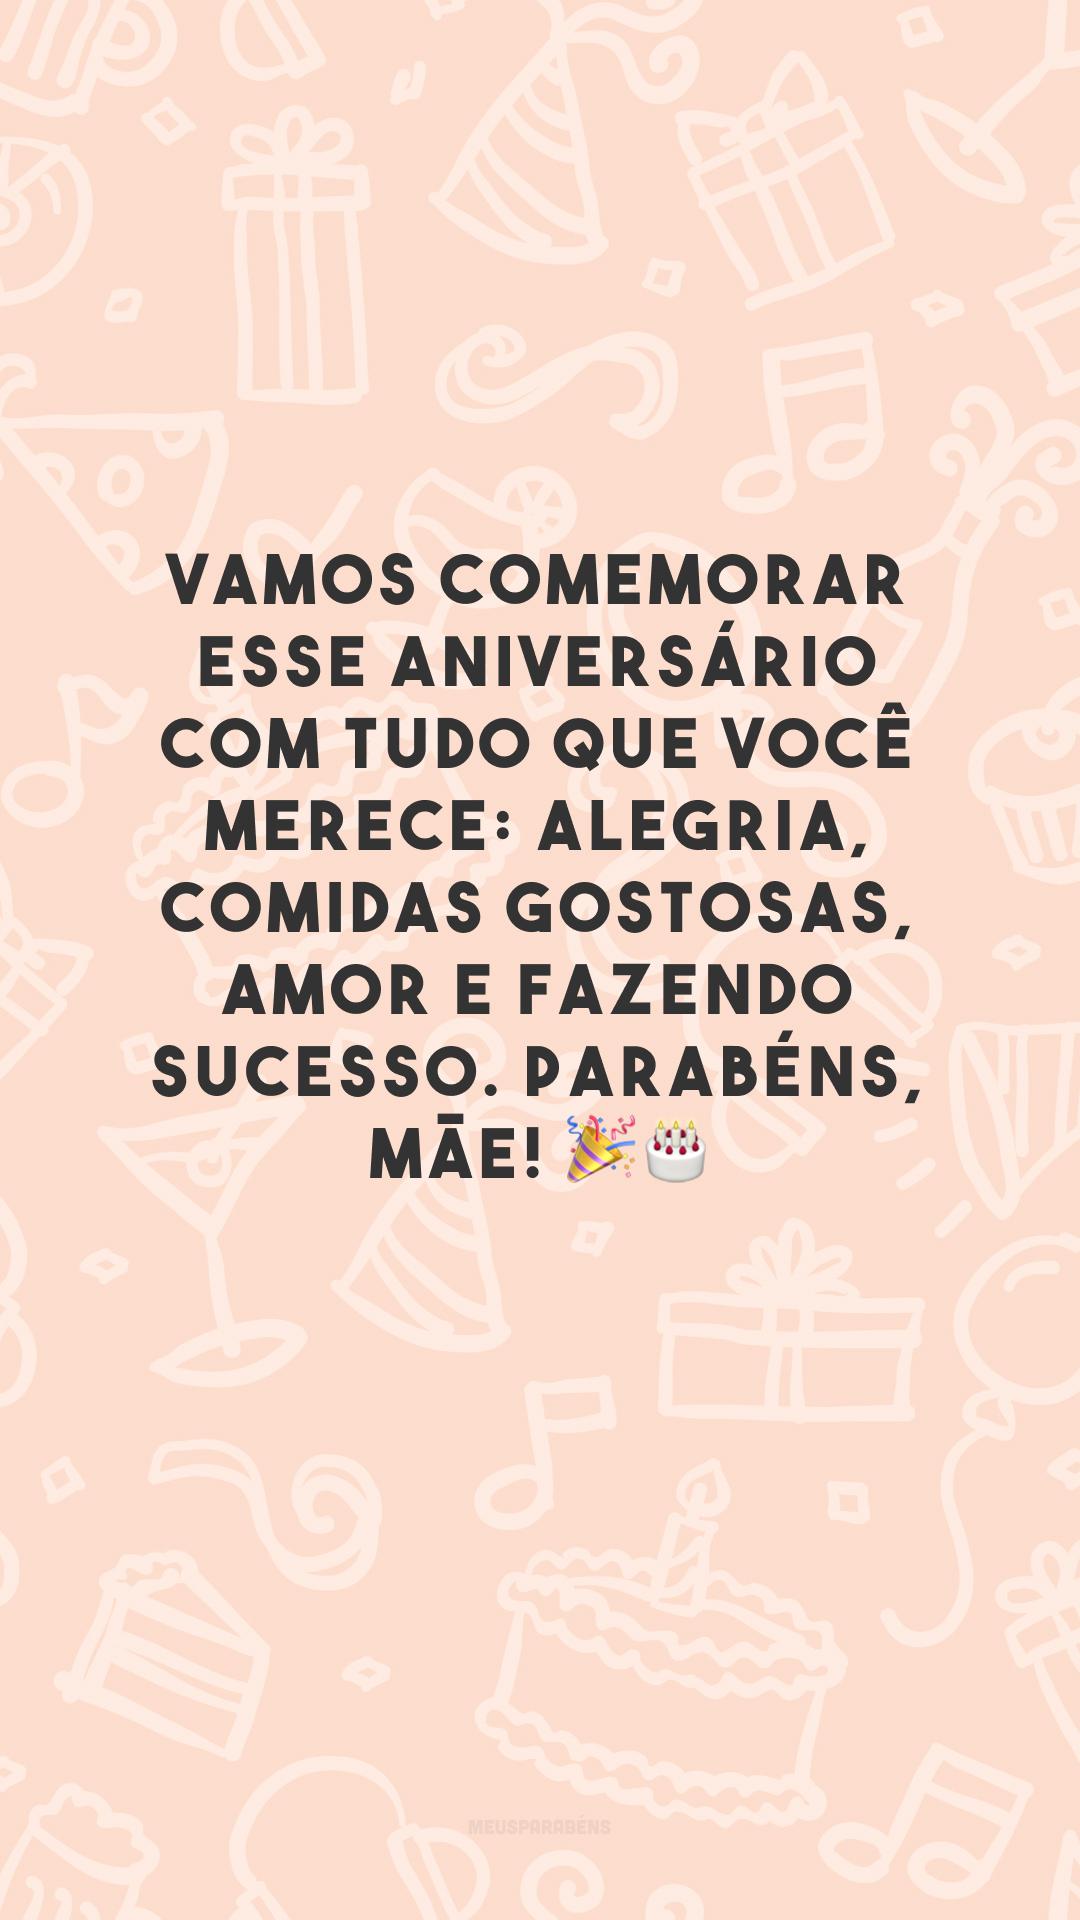 Vamos comemorar esse aniversário com tudo que você merece: alegria, comidas gostosas, amor e fazendo sucesso. Parabéns, mãe! 🎉🎂